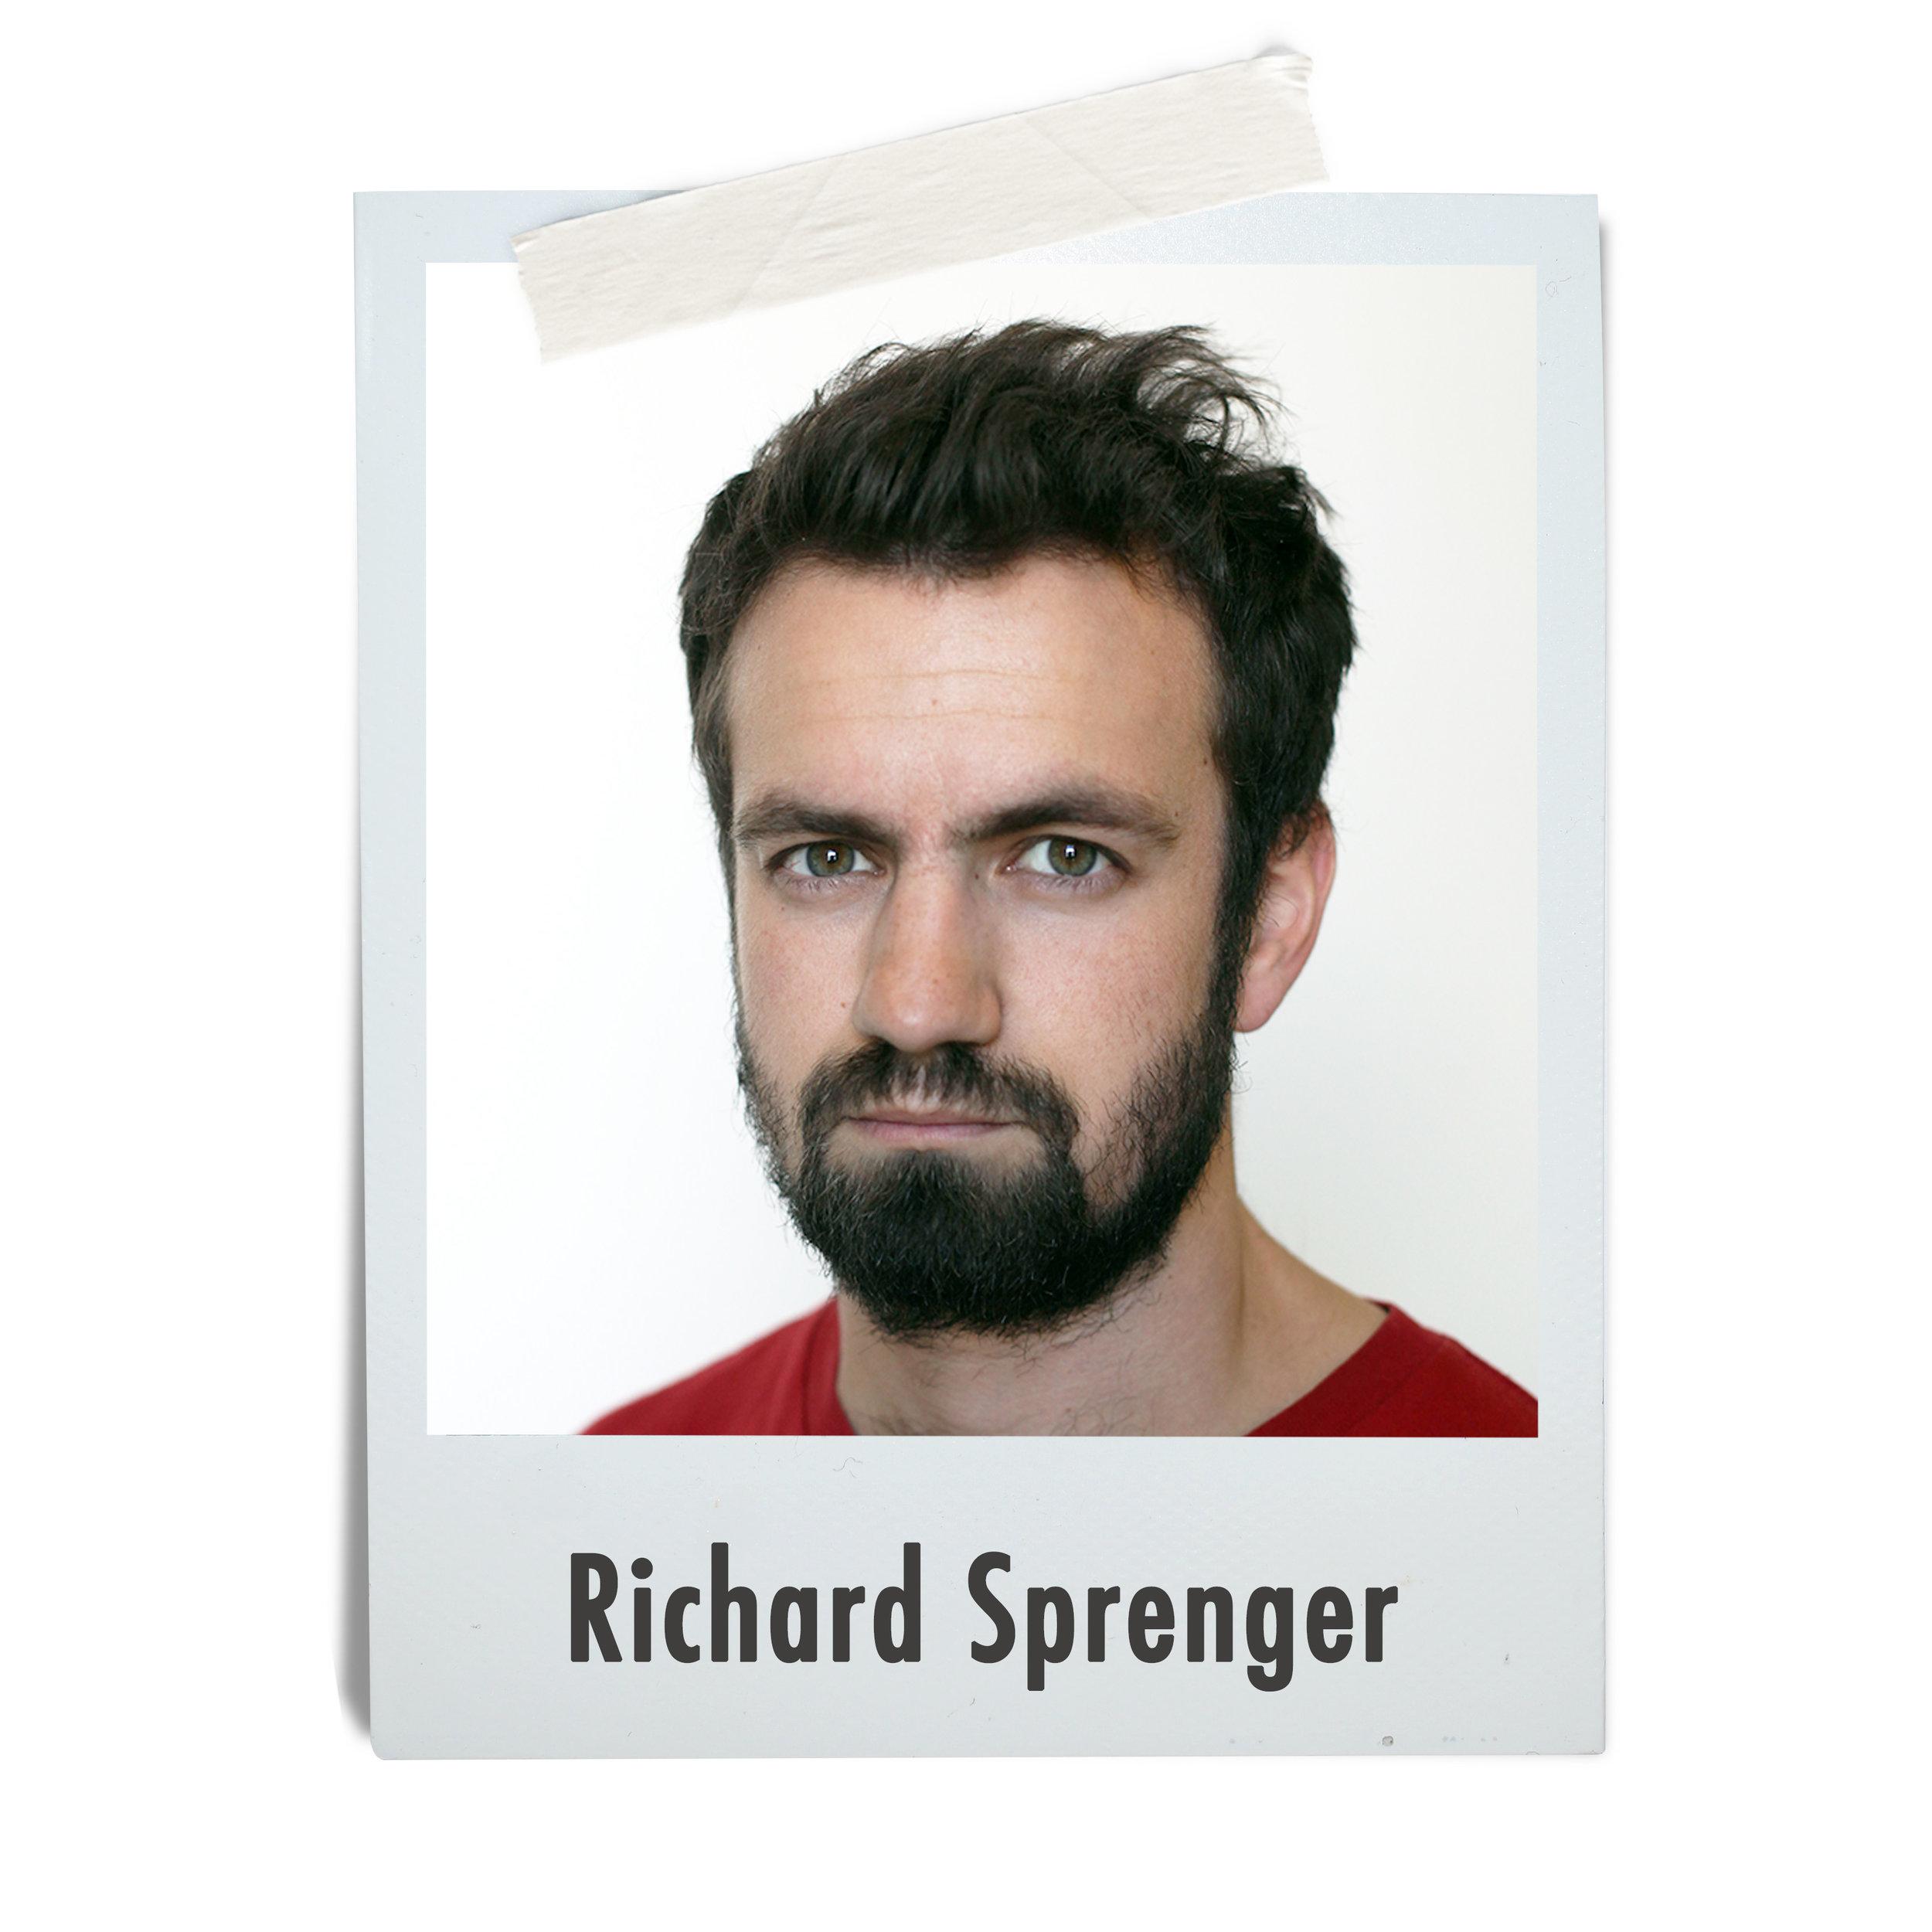 Richard Sprenger